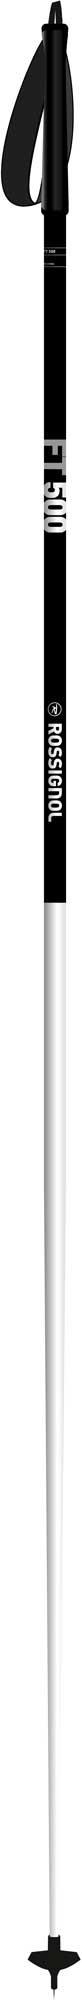 Rossignol Ft-500-1